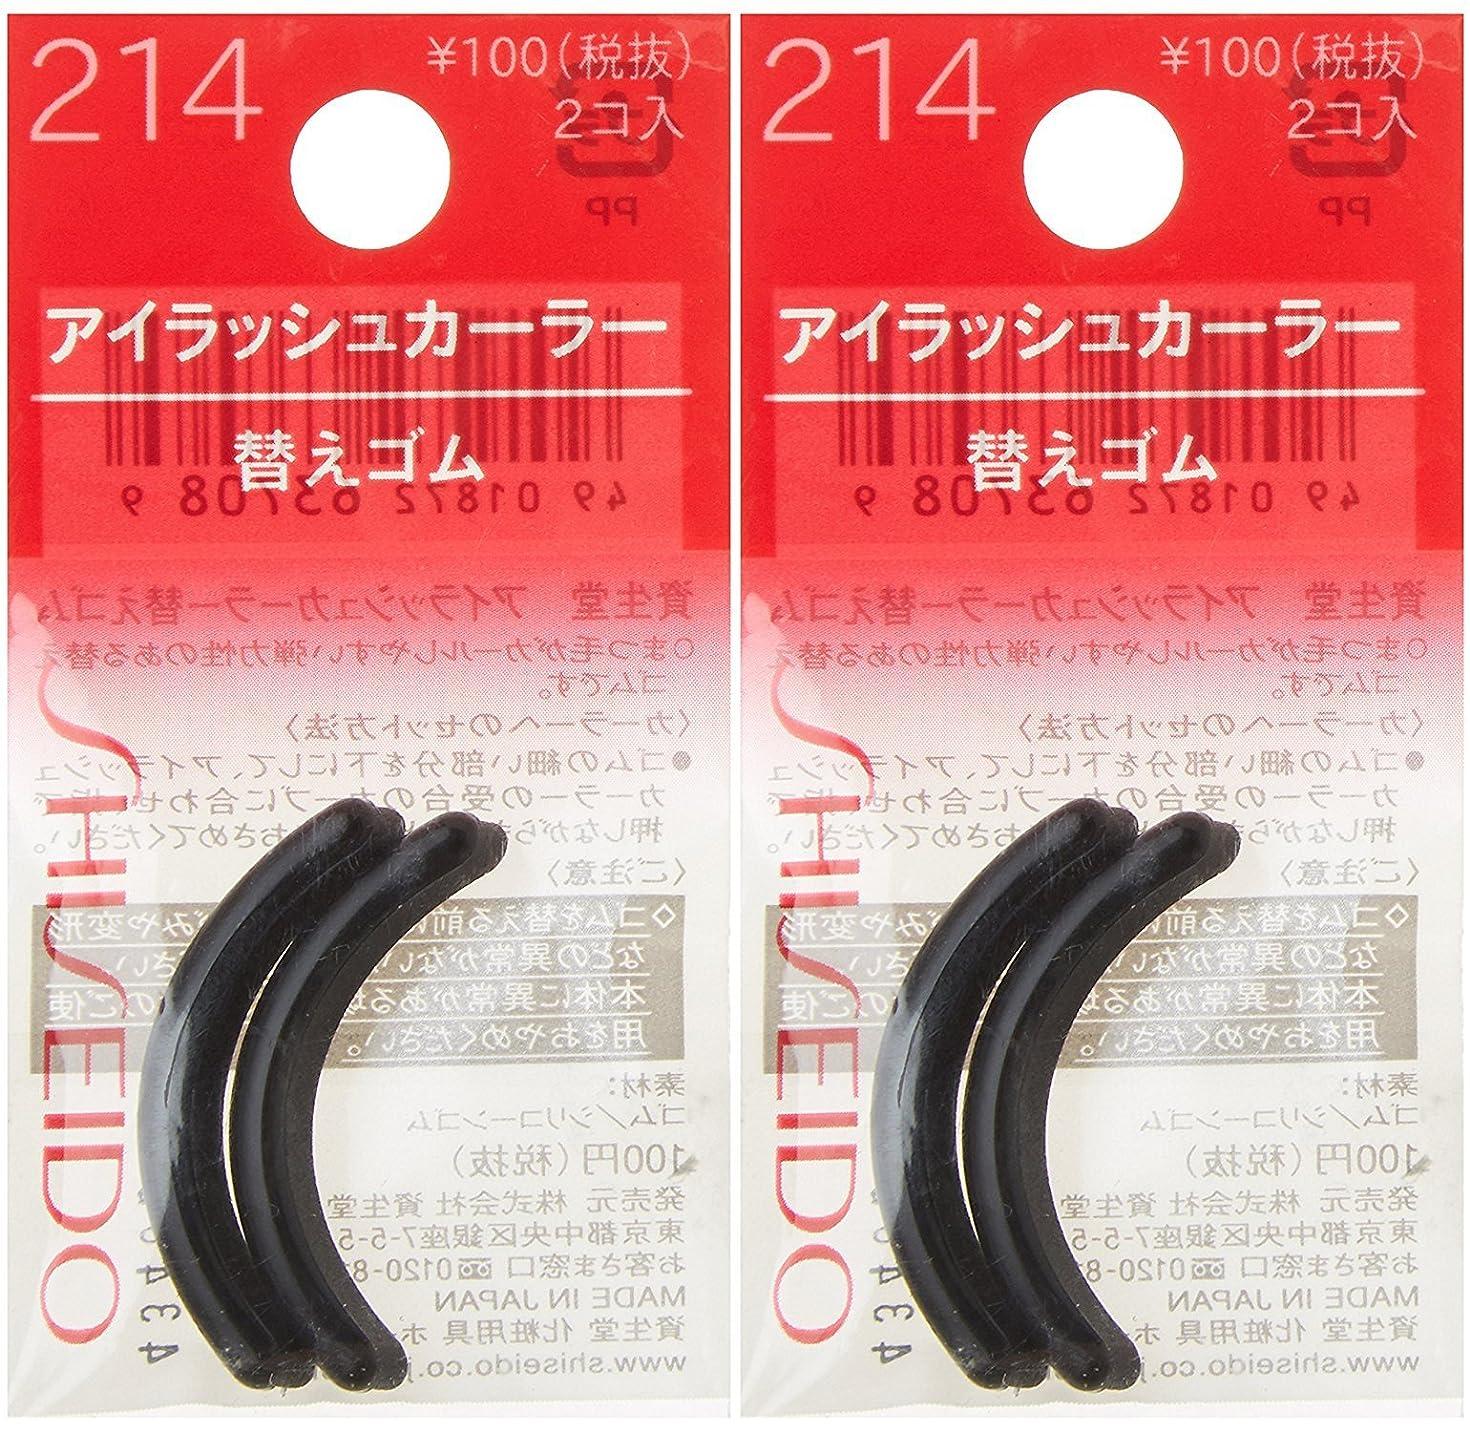 フォーム嫌がる大気資生堂 アイラッシュカーラー替えゴム 214 (2コ入) (2コ入2袋)